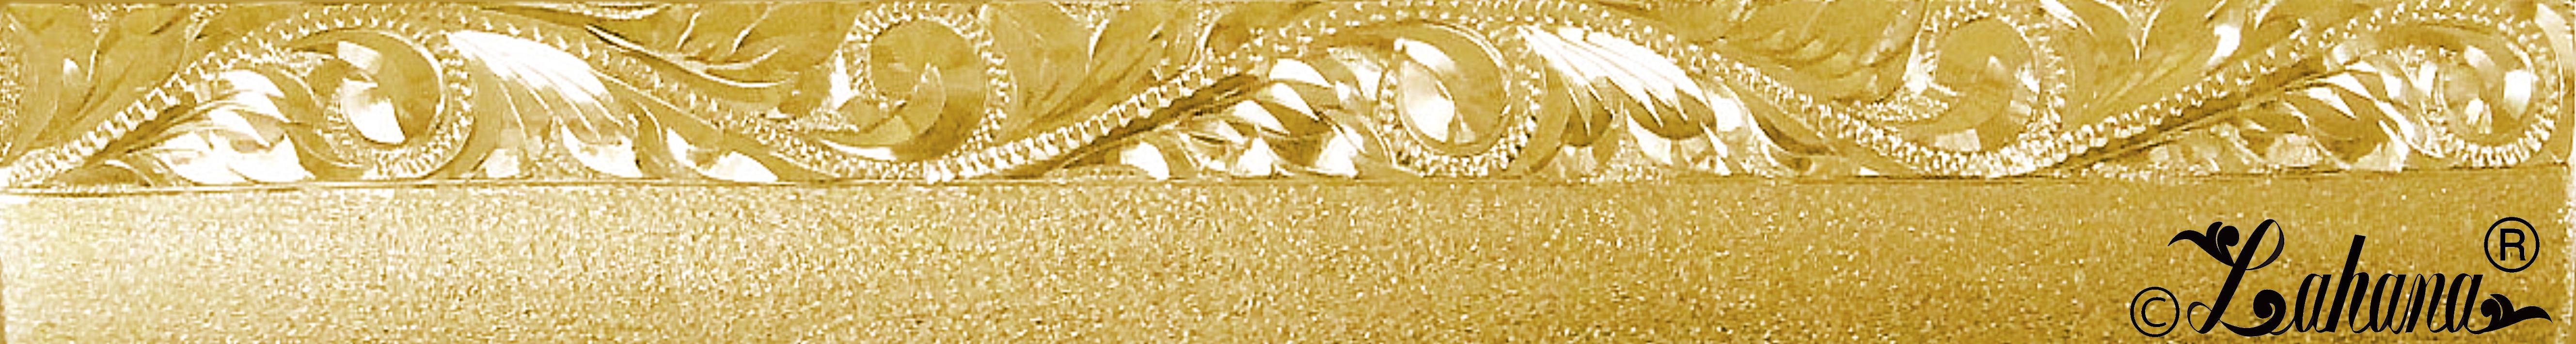 14k-sample-logo-md-b.jpg